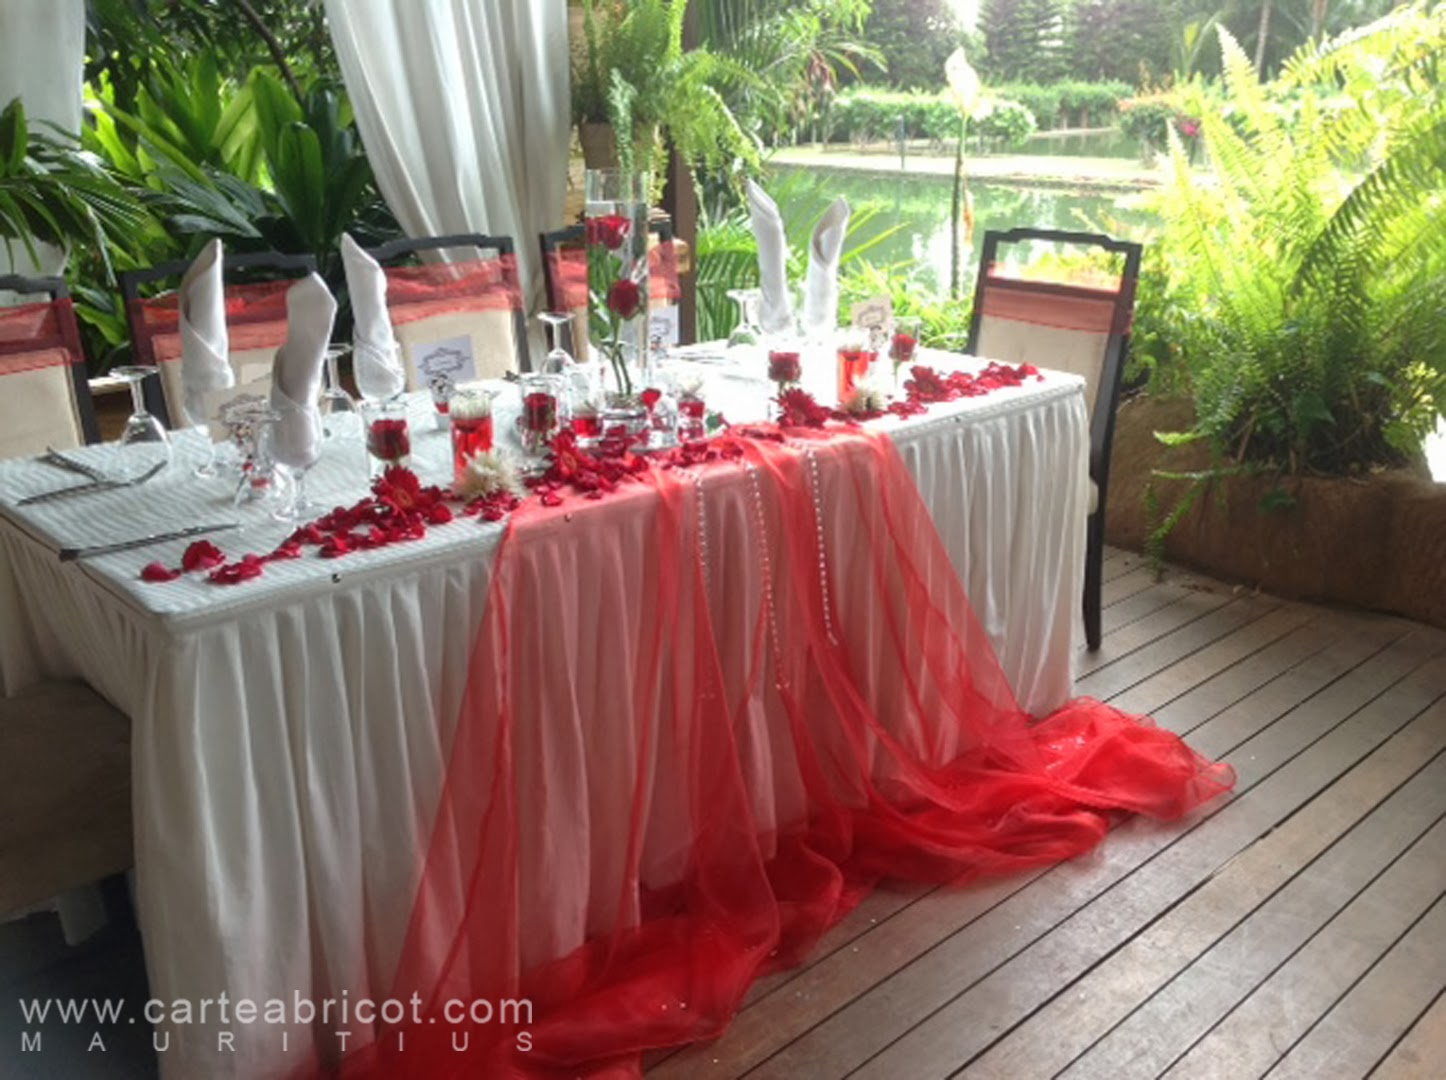 Mariage en rouge et blanc carte abricot wedding planner - Decoration de table pour mariage rouge et blanc ...